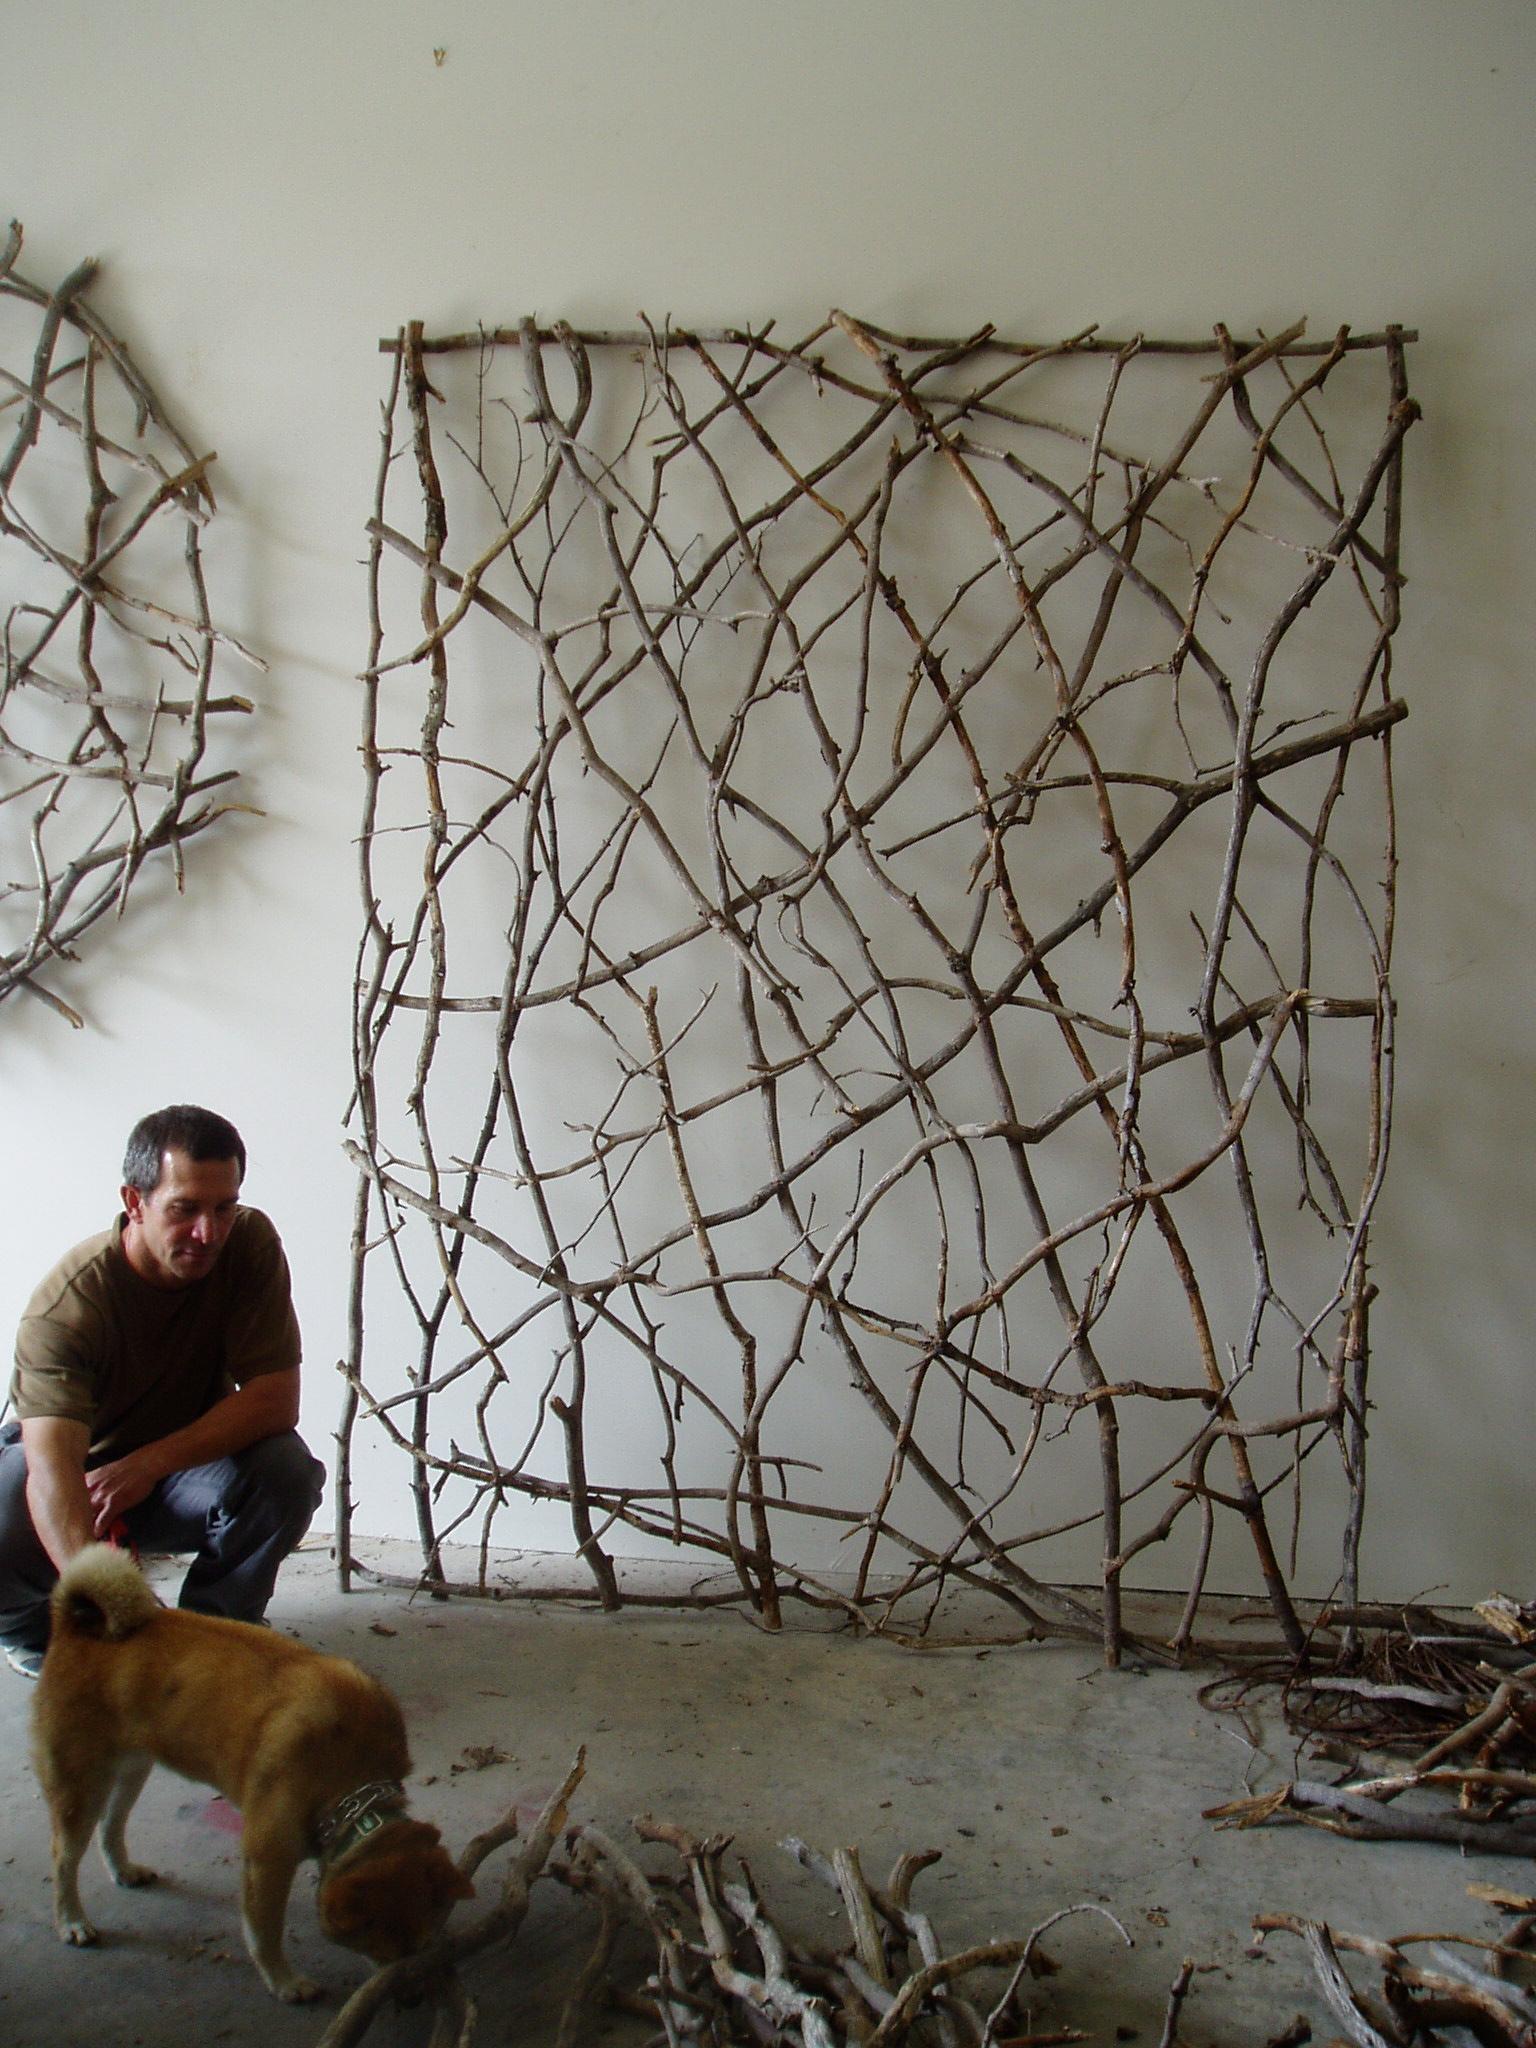 About Paul Schick   Paul Schick Regarding Natural Wood Wall Art (Image 1 of 20)